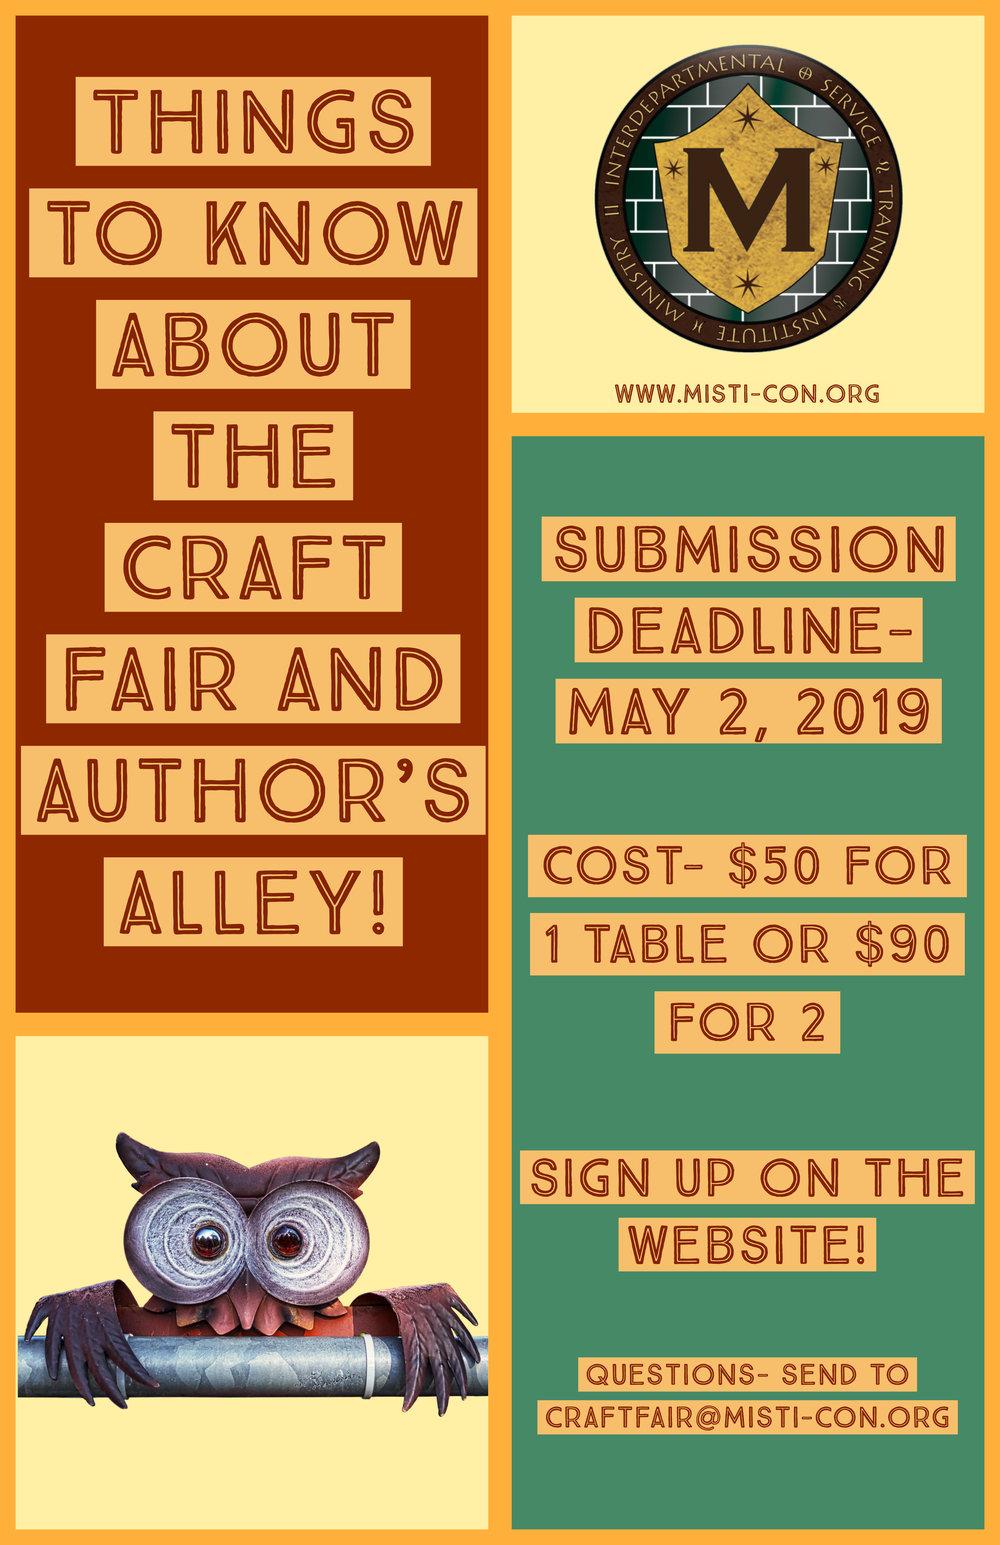 Craft fair sign up v3.jpg